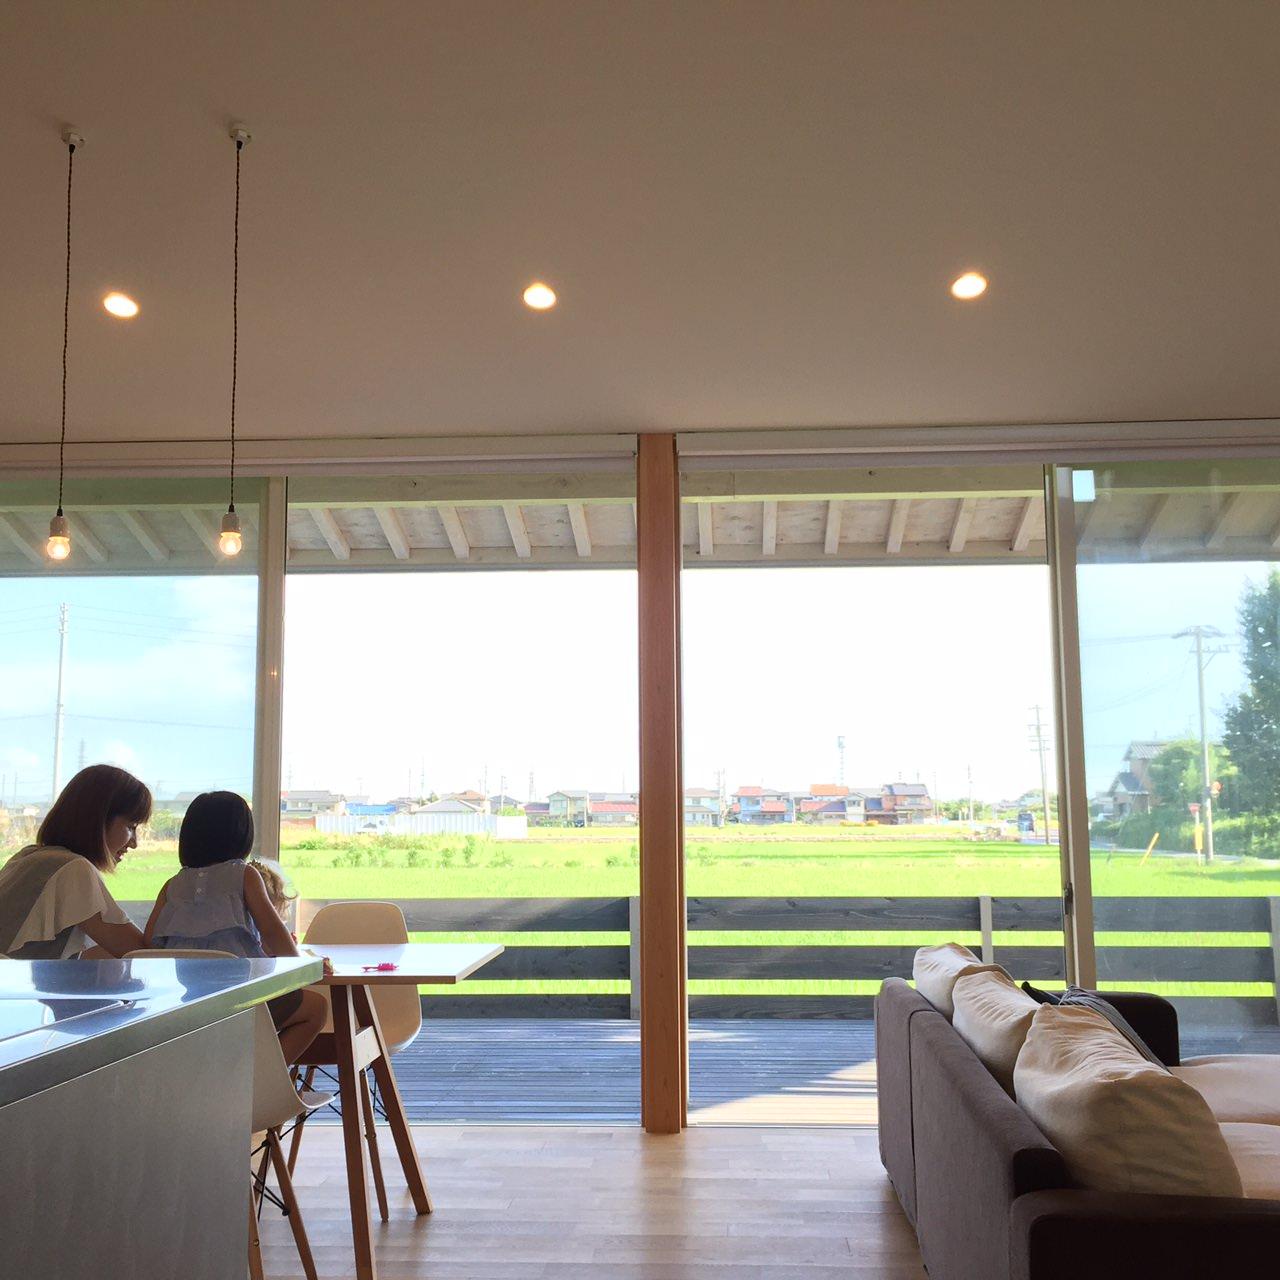 愛知県一宮市 「川原の家」木造住宅 平屋建ガレージハウス 竣工撮影1